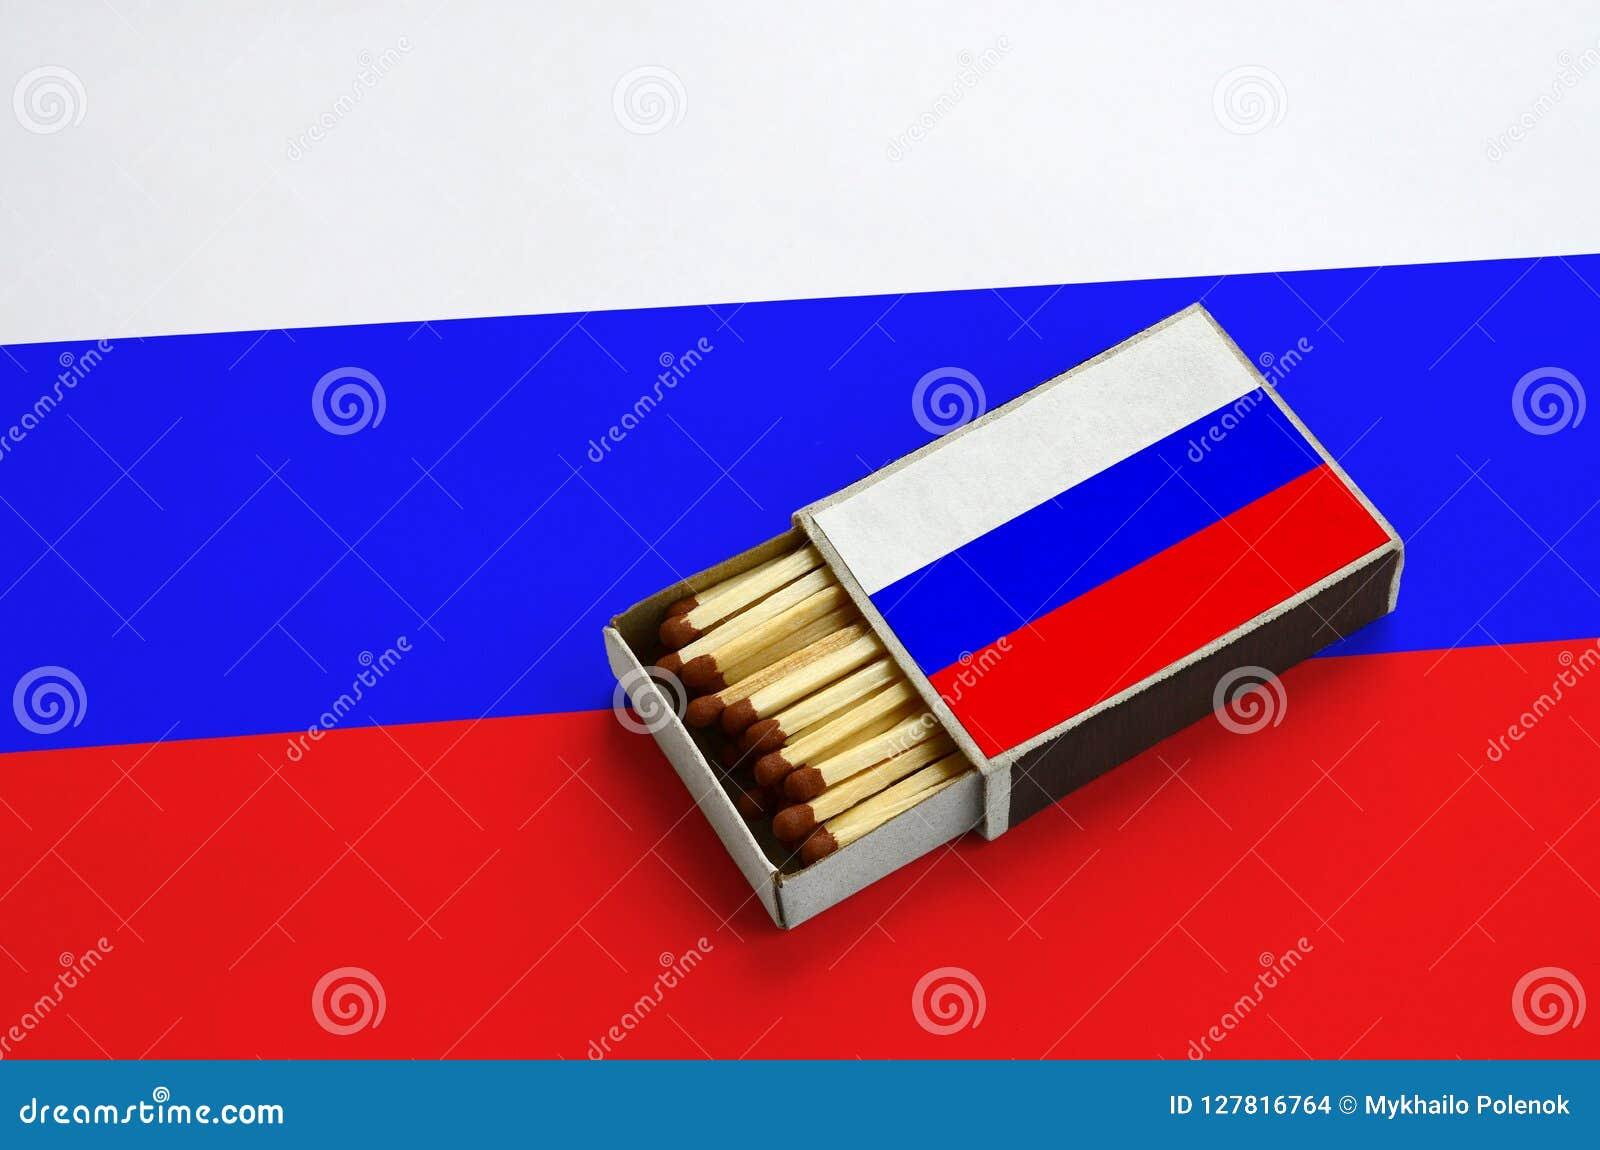 Le drapeau de la Russie est montré dans une boîte d allumettes ouverte, qui est remplie de matchs et se trouve sur un grand drape